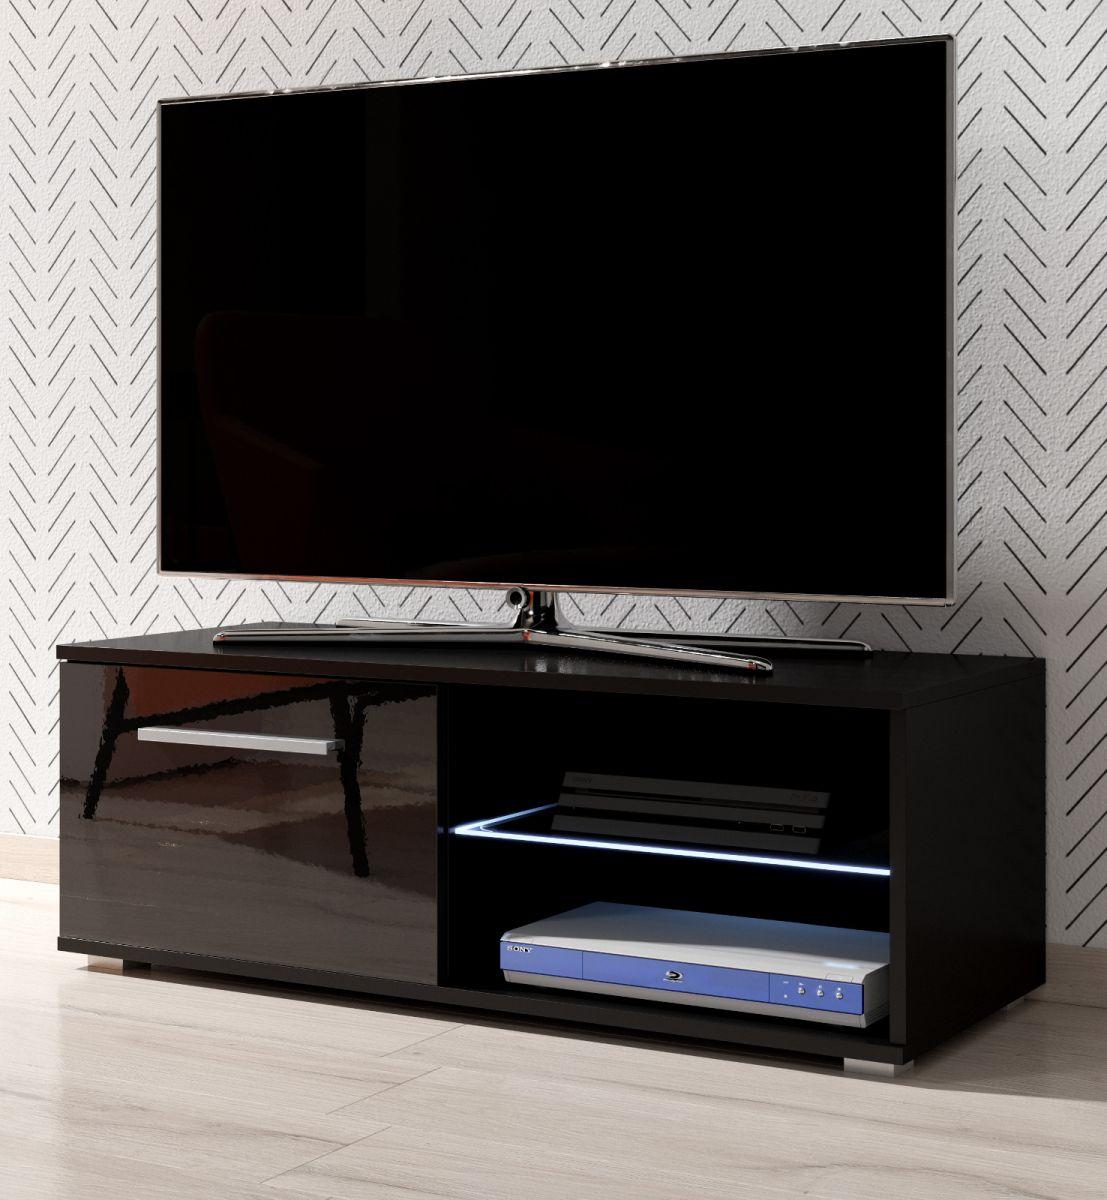 TV-Lowboard Earth Hochglanz schwarz mit Beleuchtung 100 cm